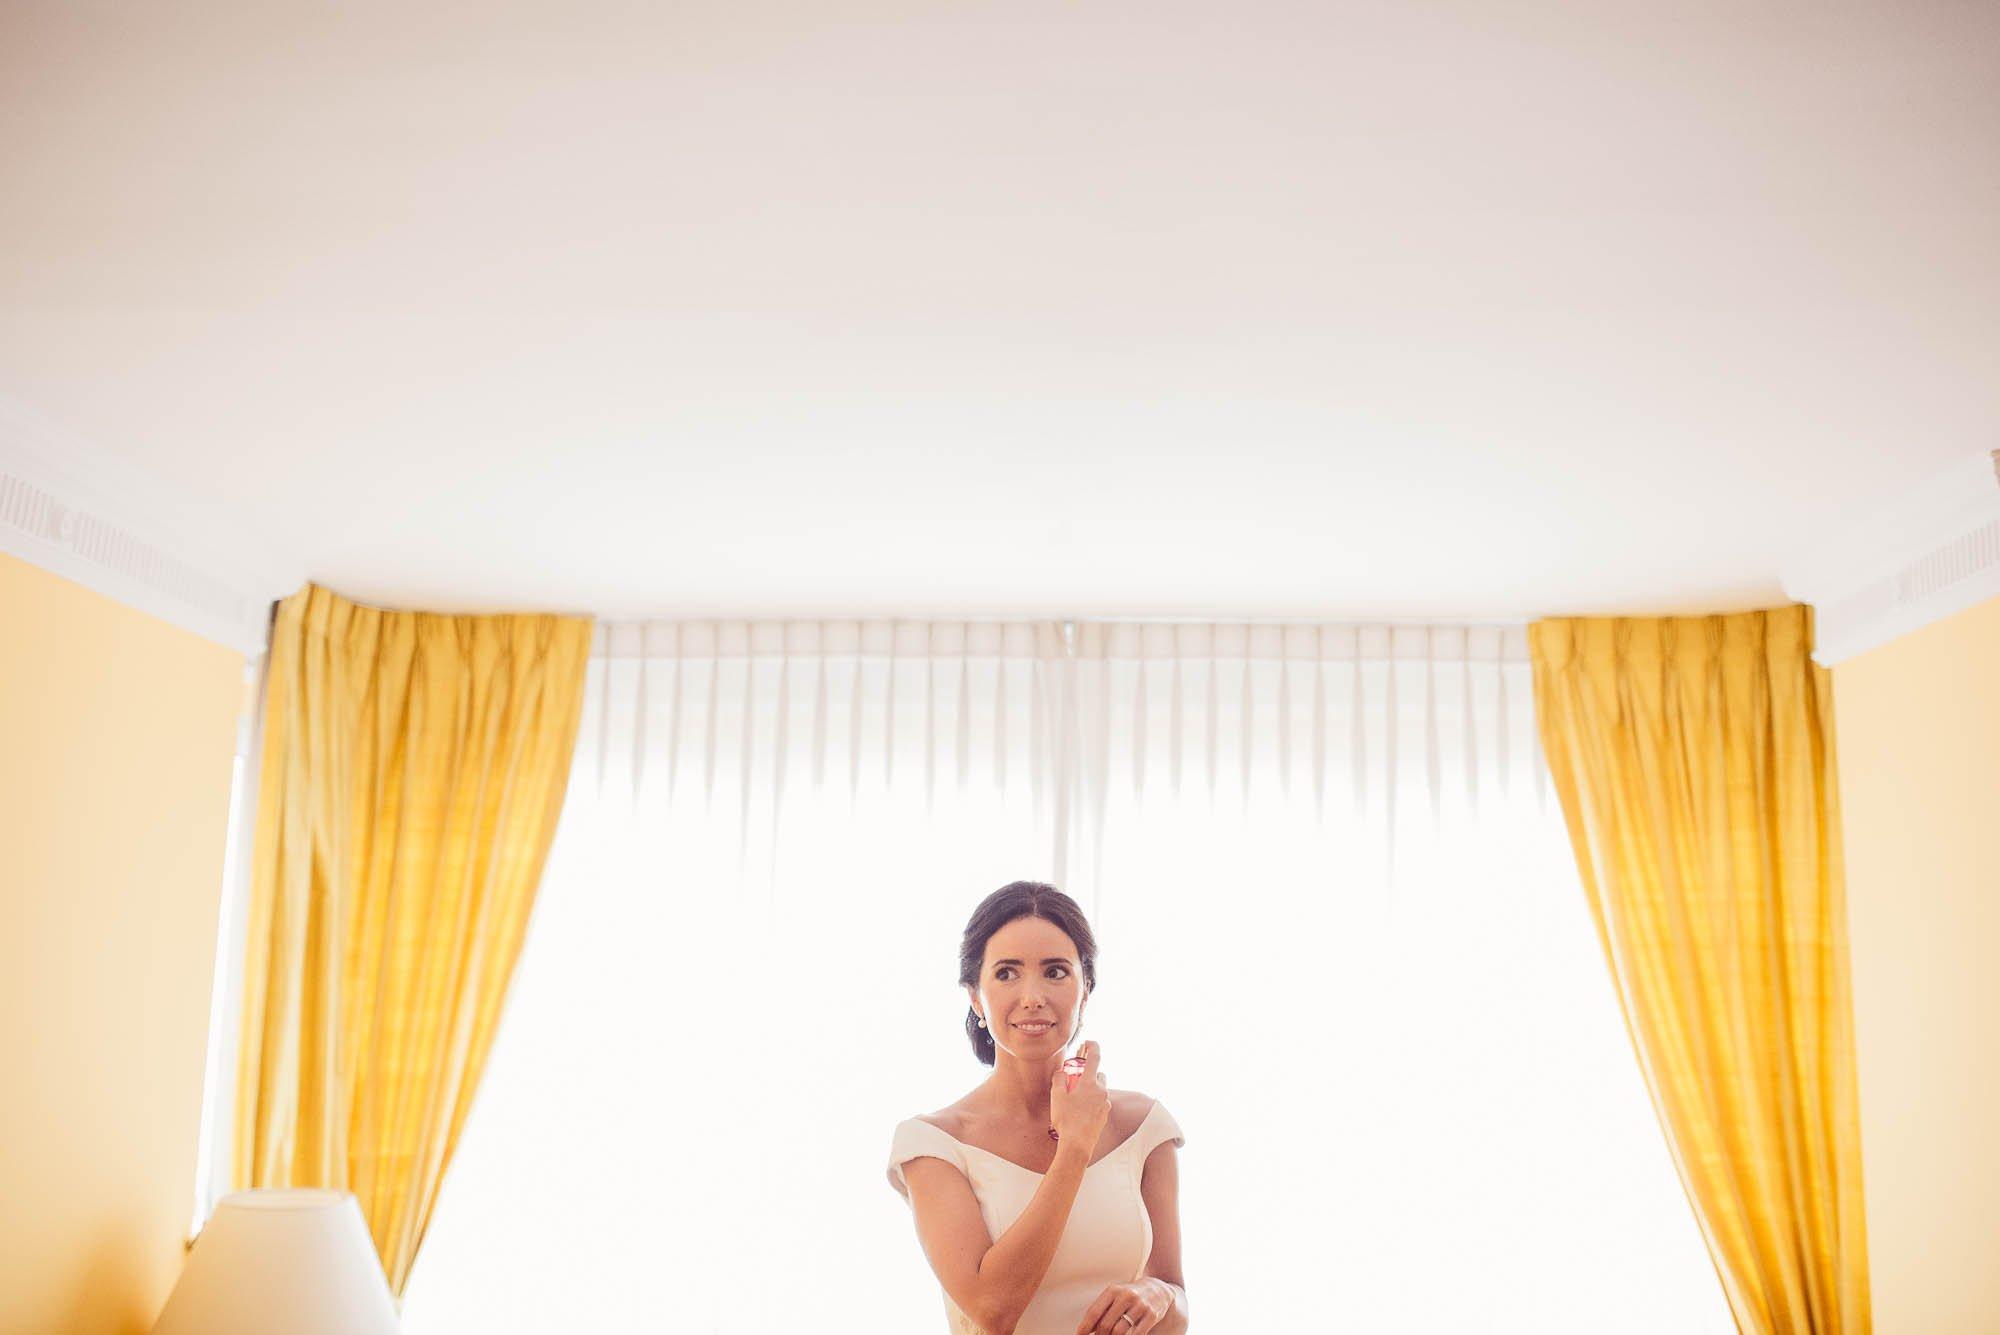 La novia se pone el perfume en el salón de su casa